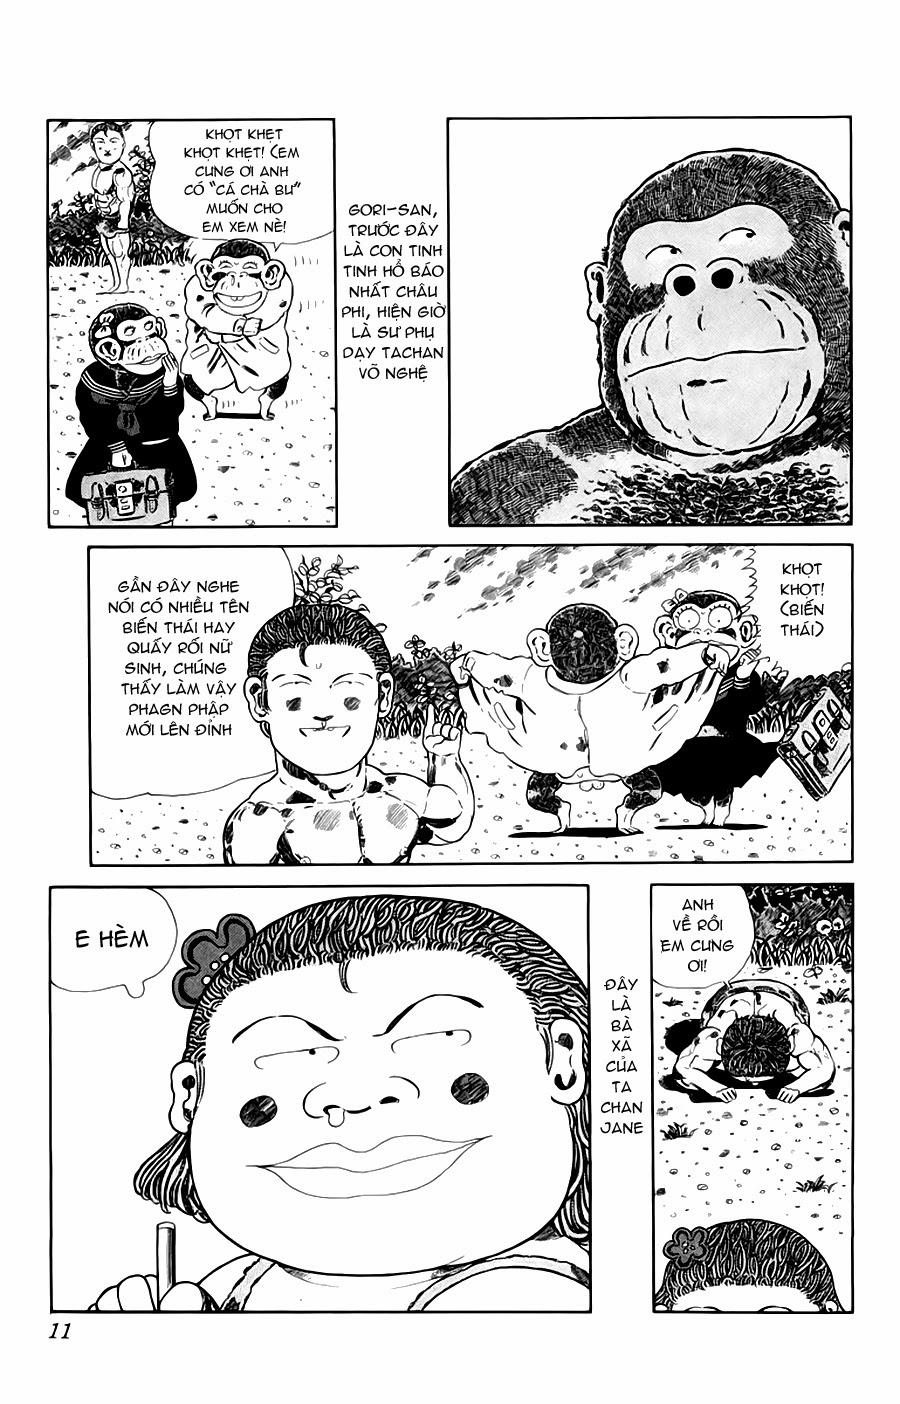 Chúa rừng Ta-chan chapter 113 (new - phần 2 chapter 1) trang 11